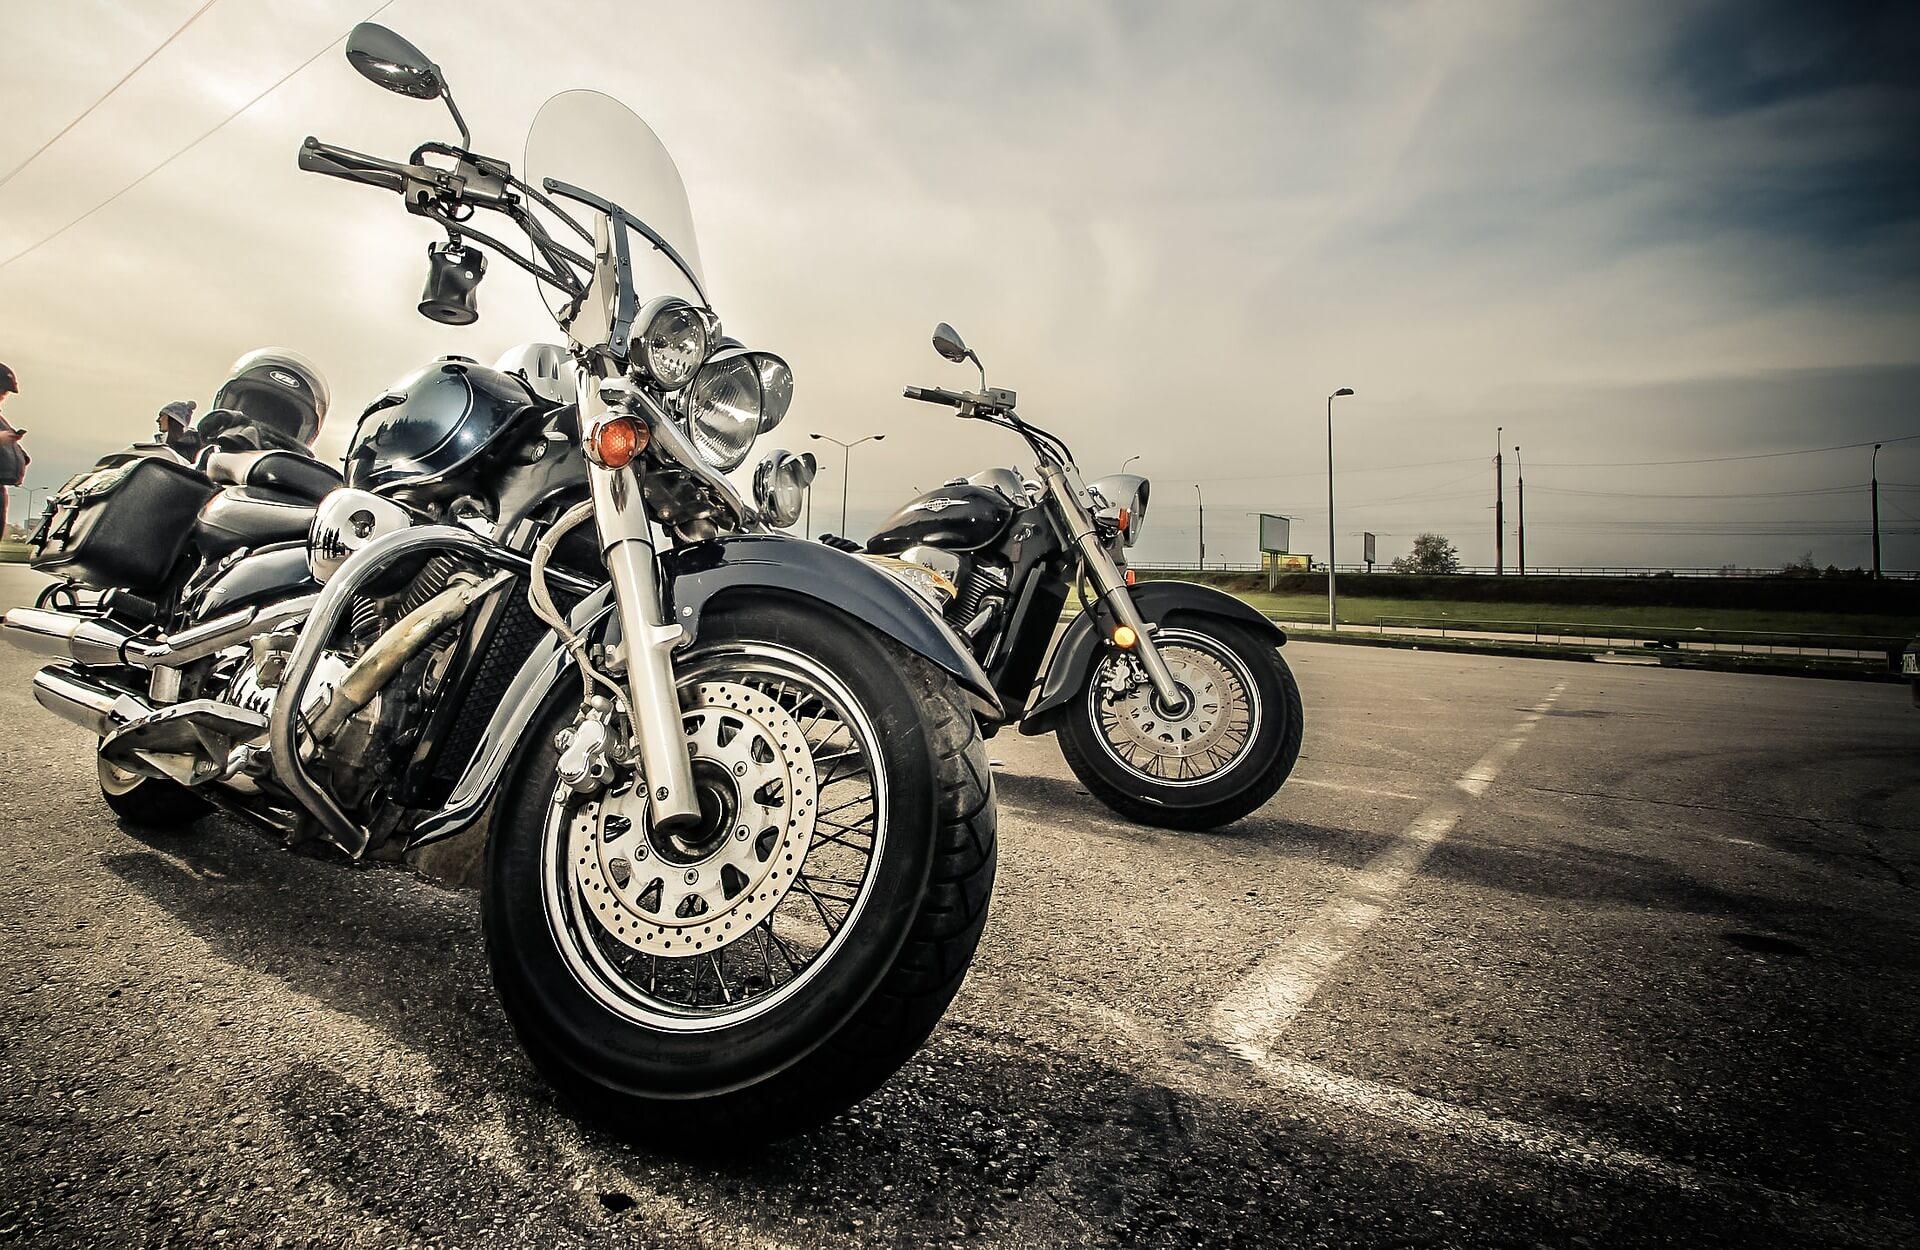 Motorky (kolik stojí kWh energie, elektřiny nebo plynu?)